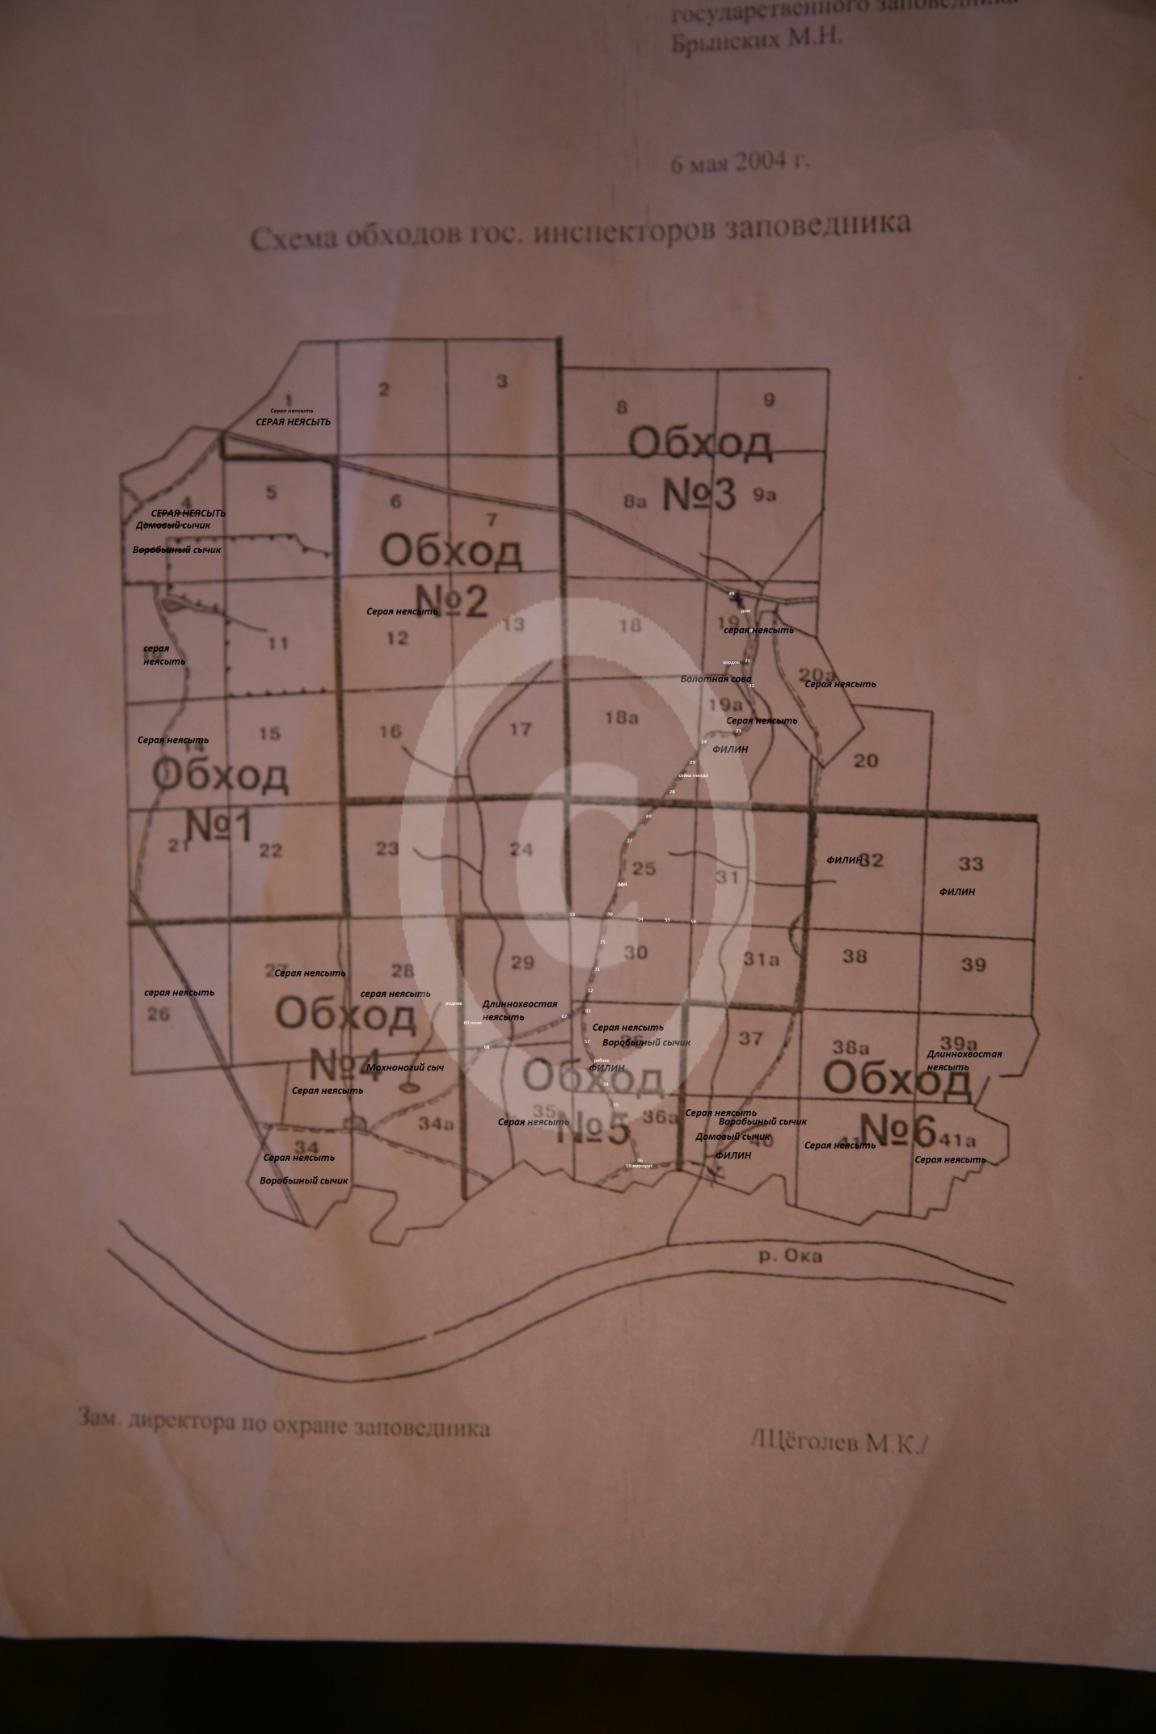 Рис 1 Карта встреч сов с 1954 г по 2013 год (59 летний период времени).